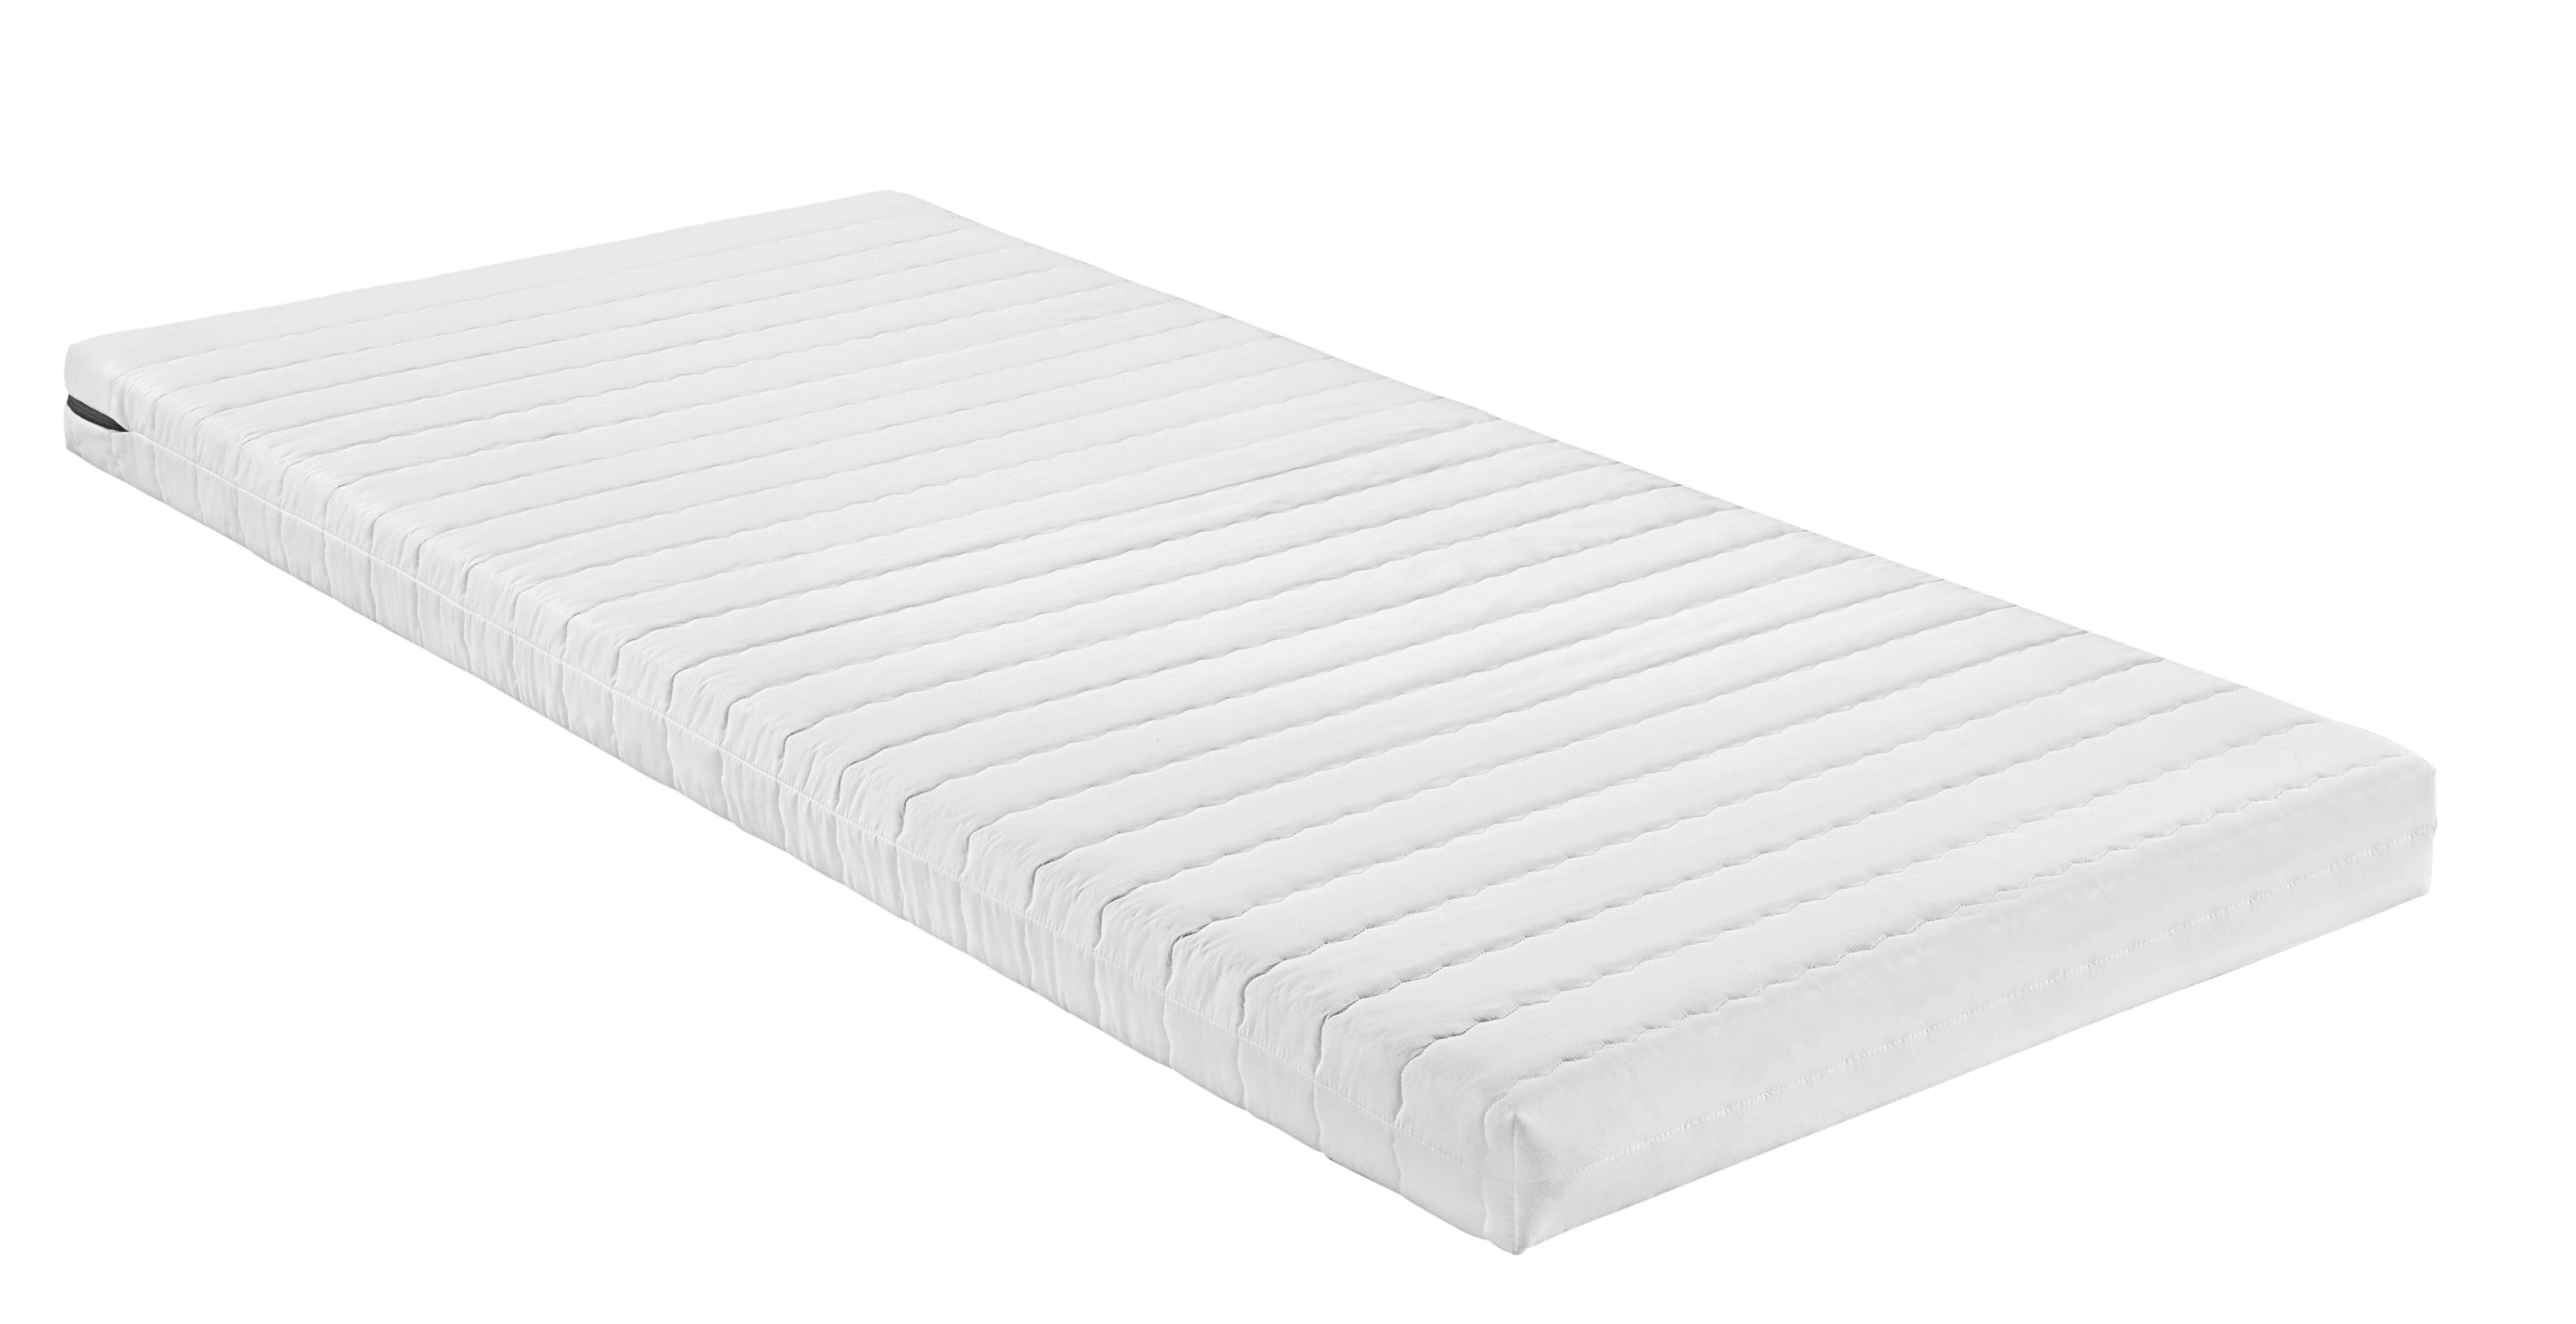 Matratze Schaumstoffkern ca. 100x200cm - Weiß, Textil (200/100/11cm) - NADANA